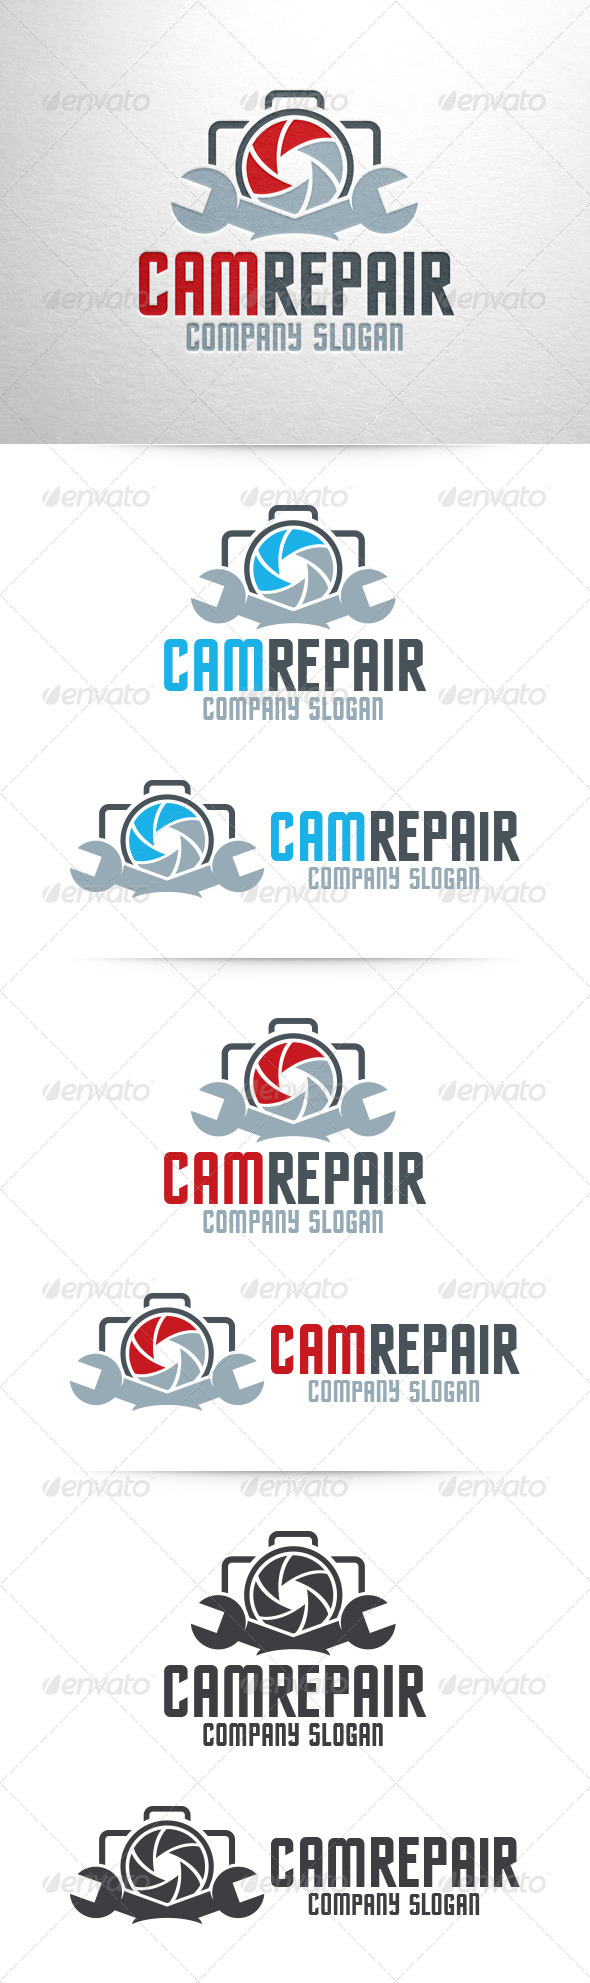 GraphicRiver Camera Repair Logo 7062920